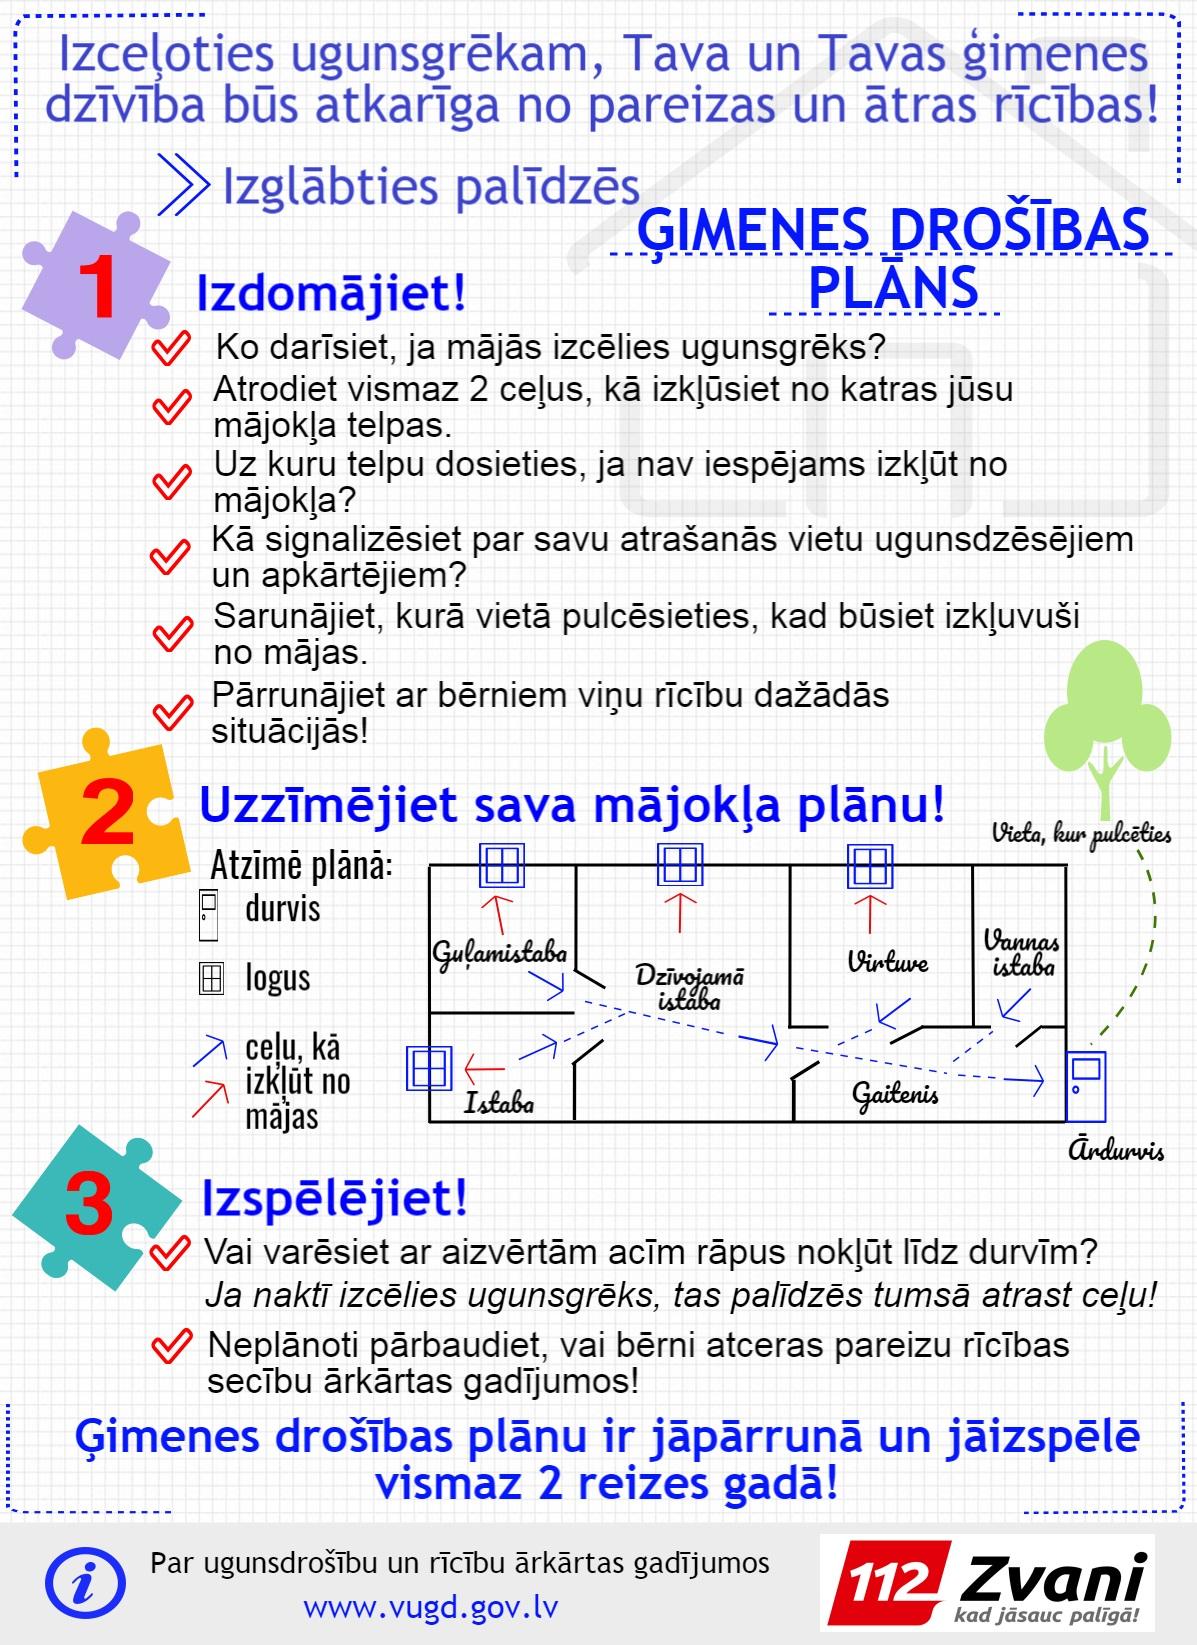 droshibas_plans3